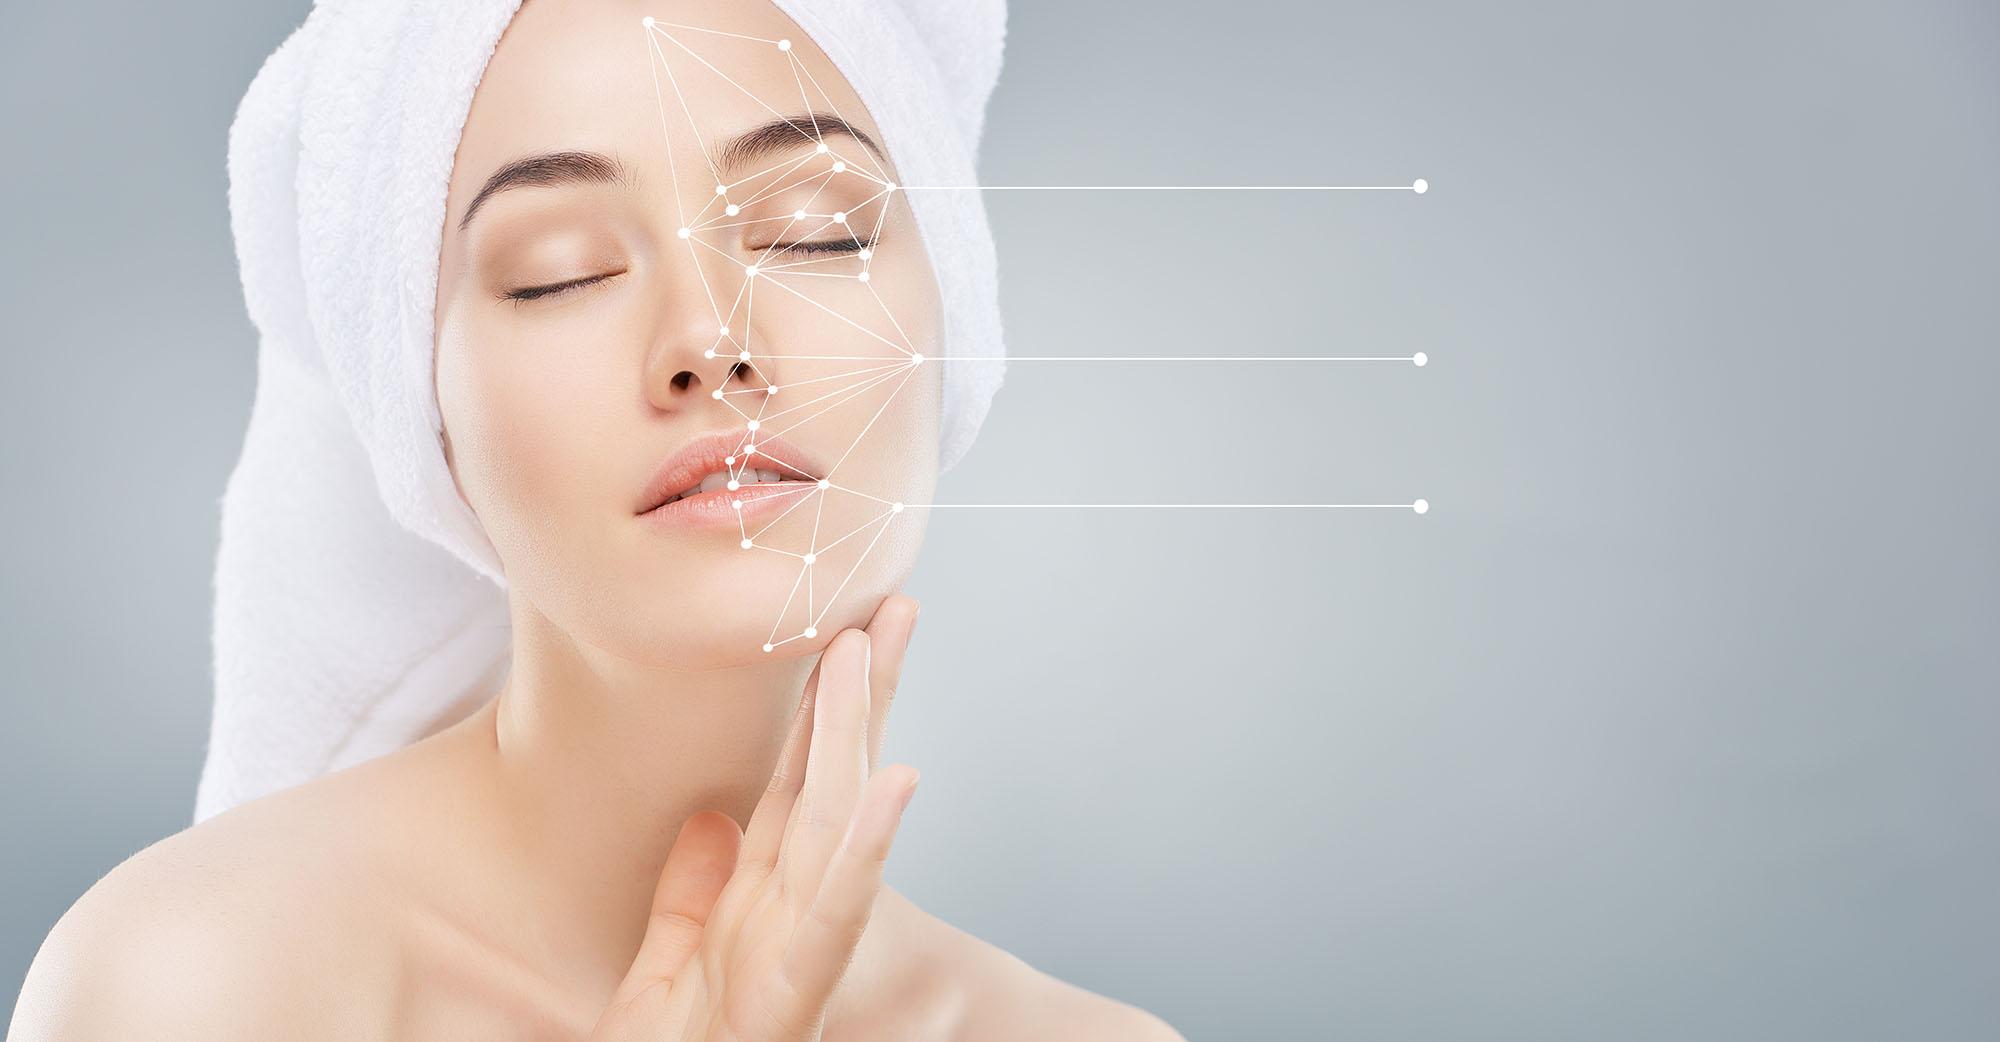 Kosmetyki do pielęgnacji twarzy skóry mieszanej i tłustej | Blog kosmetyczny e-pomadka.pl